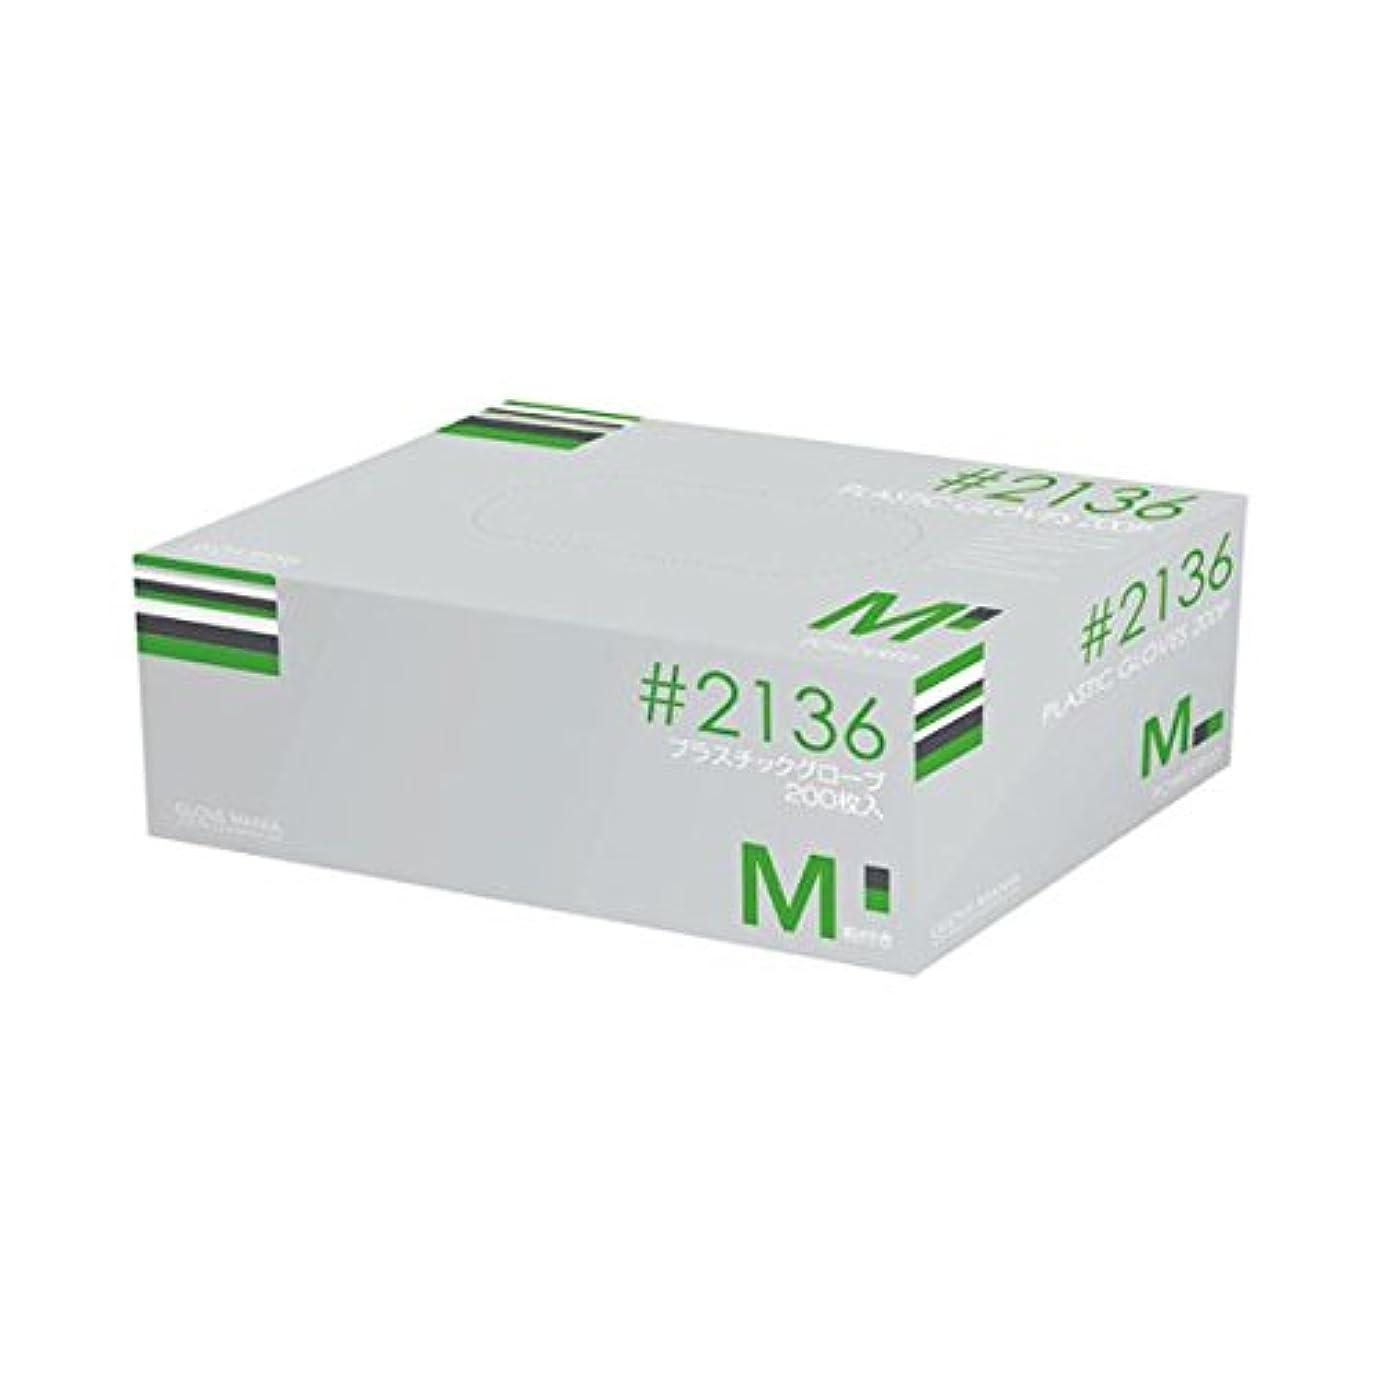 注ぎますチャールズキージング社会学(業務用10セット) 川西工業 プラスティックグローブ #2136 M 粉付 ds-1913514